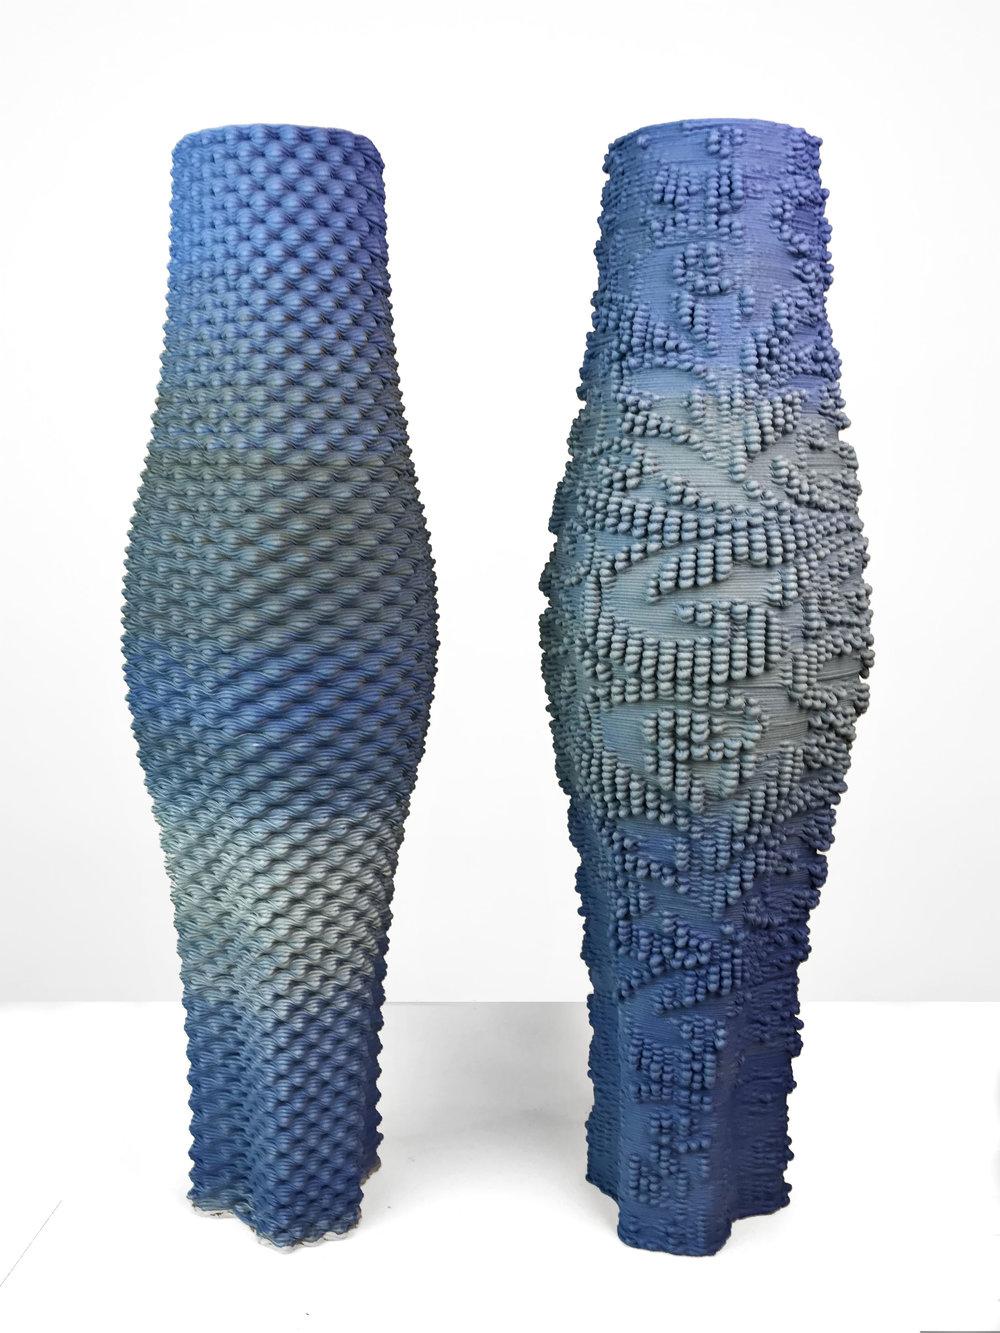 DoubleTall_Vases.jpg